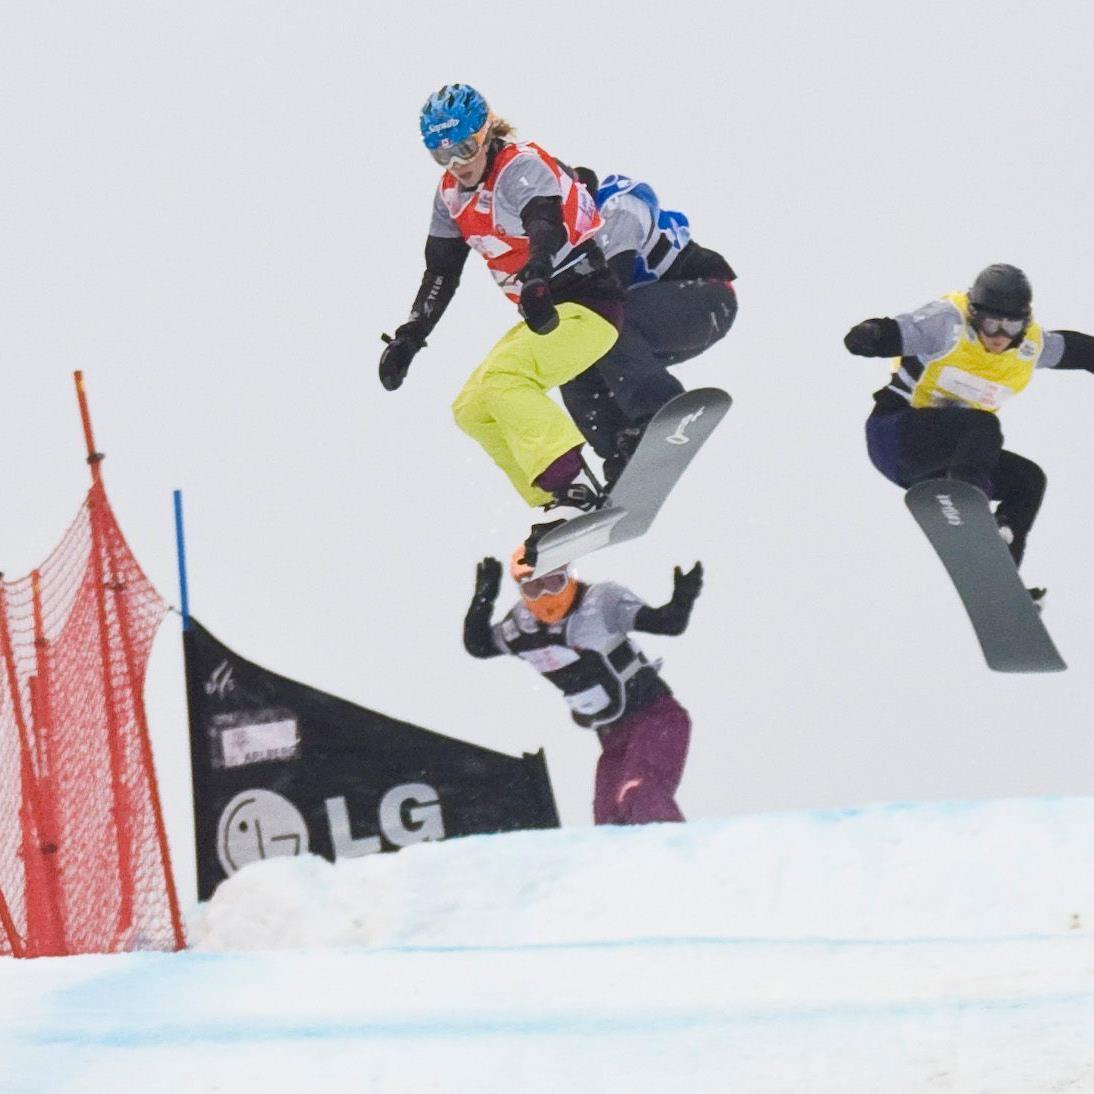 Freude bei den Sportlern - SBX-Weltcup in Schruns gesichert.